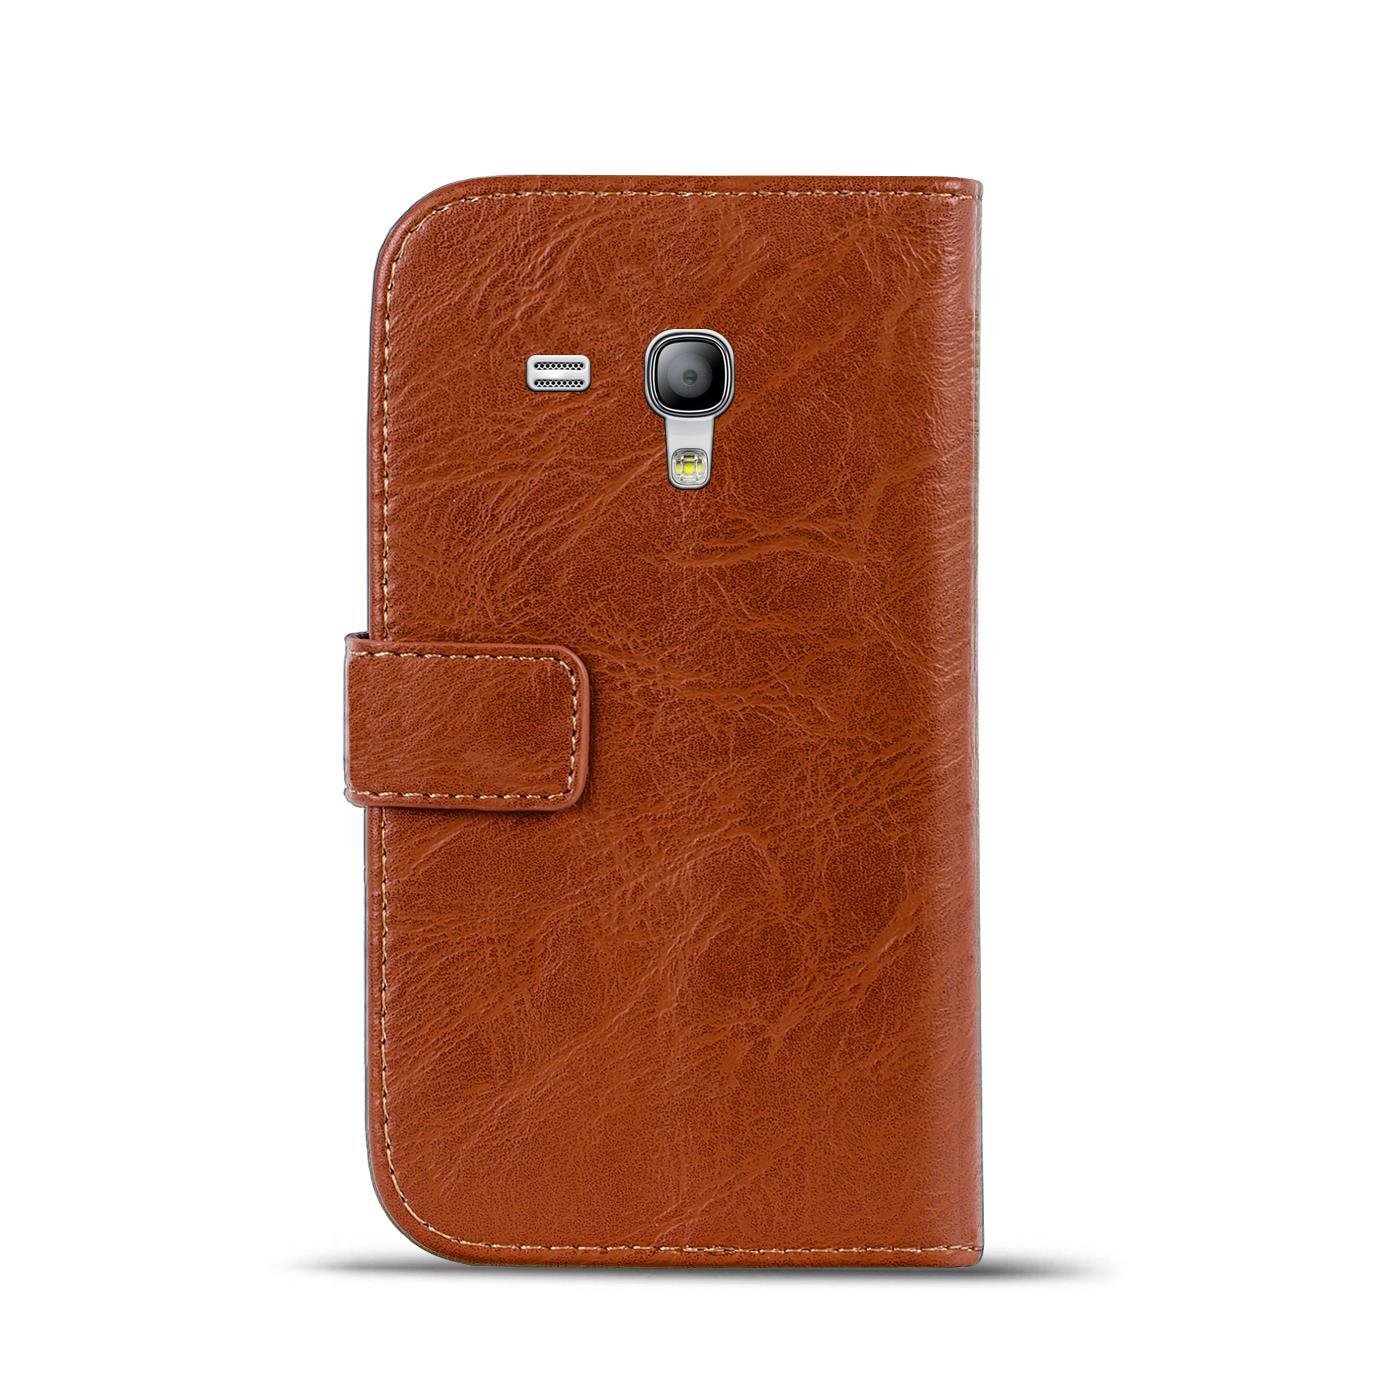 Klapphuelle-Samsung-Galaxy-S3-Mini-Huelle-Schutzhuelle-Wallet-Cover-Flip-Case Indexbild 16